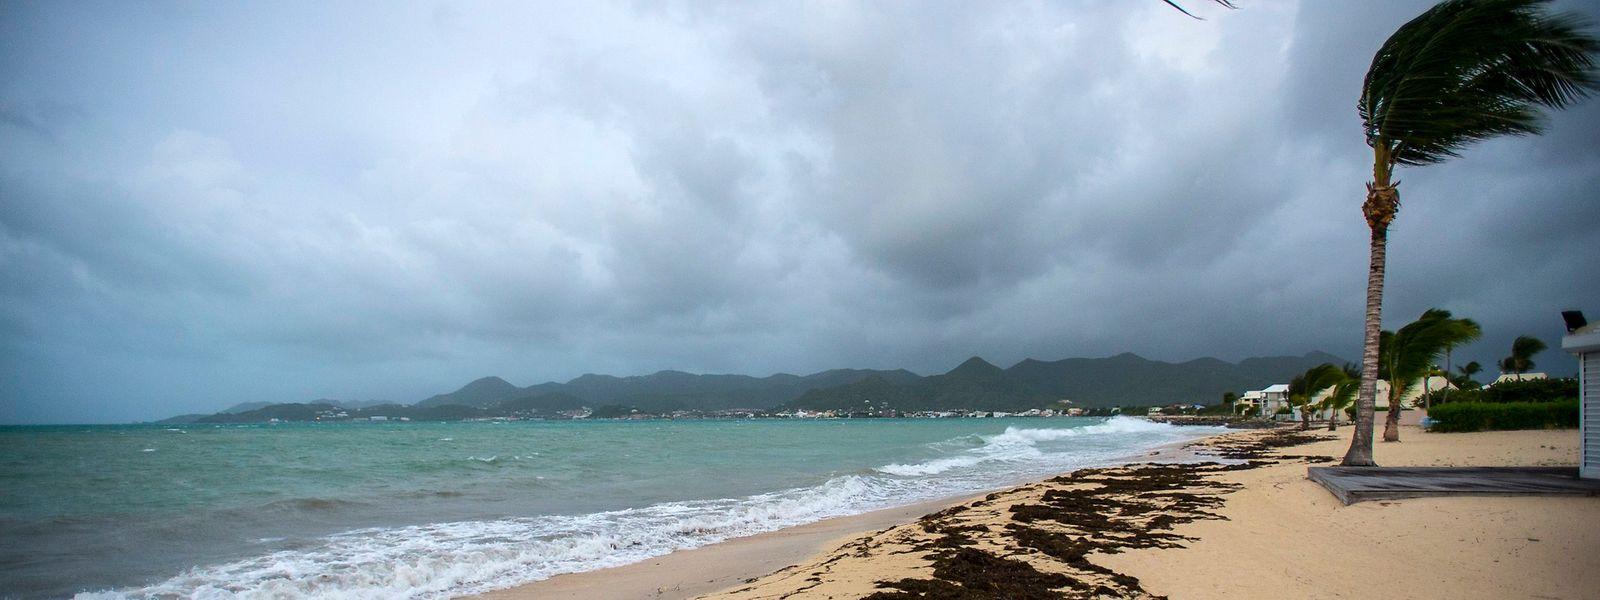 Im Küstenort Marigot auf Saint-Martin kündigt sich Irma mit Starkwinden an.